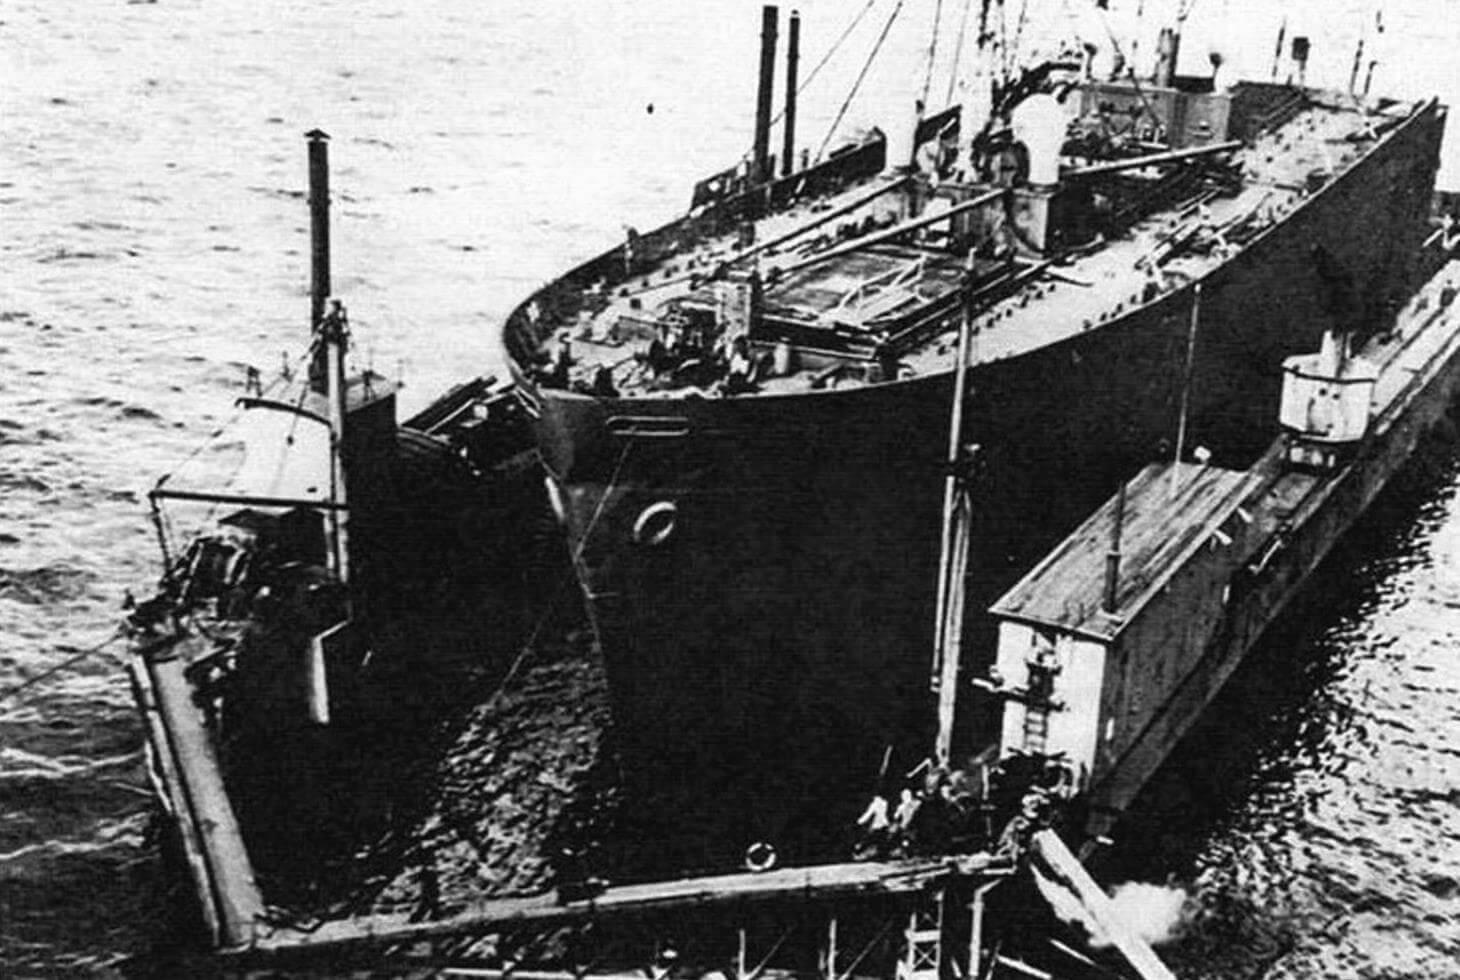 Носовая часть, ранее принадлежавшая американскому судну «Horace Gray», подготовлена к стыковке с поврежденным «Тбилиси», 1959 год